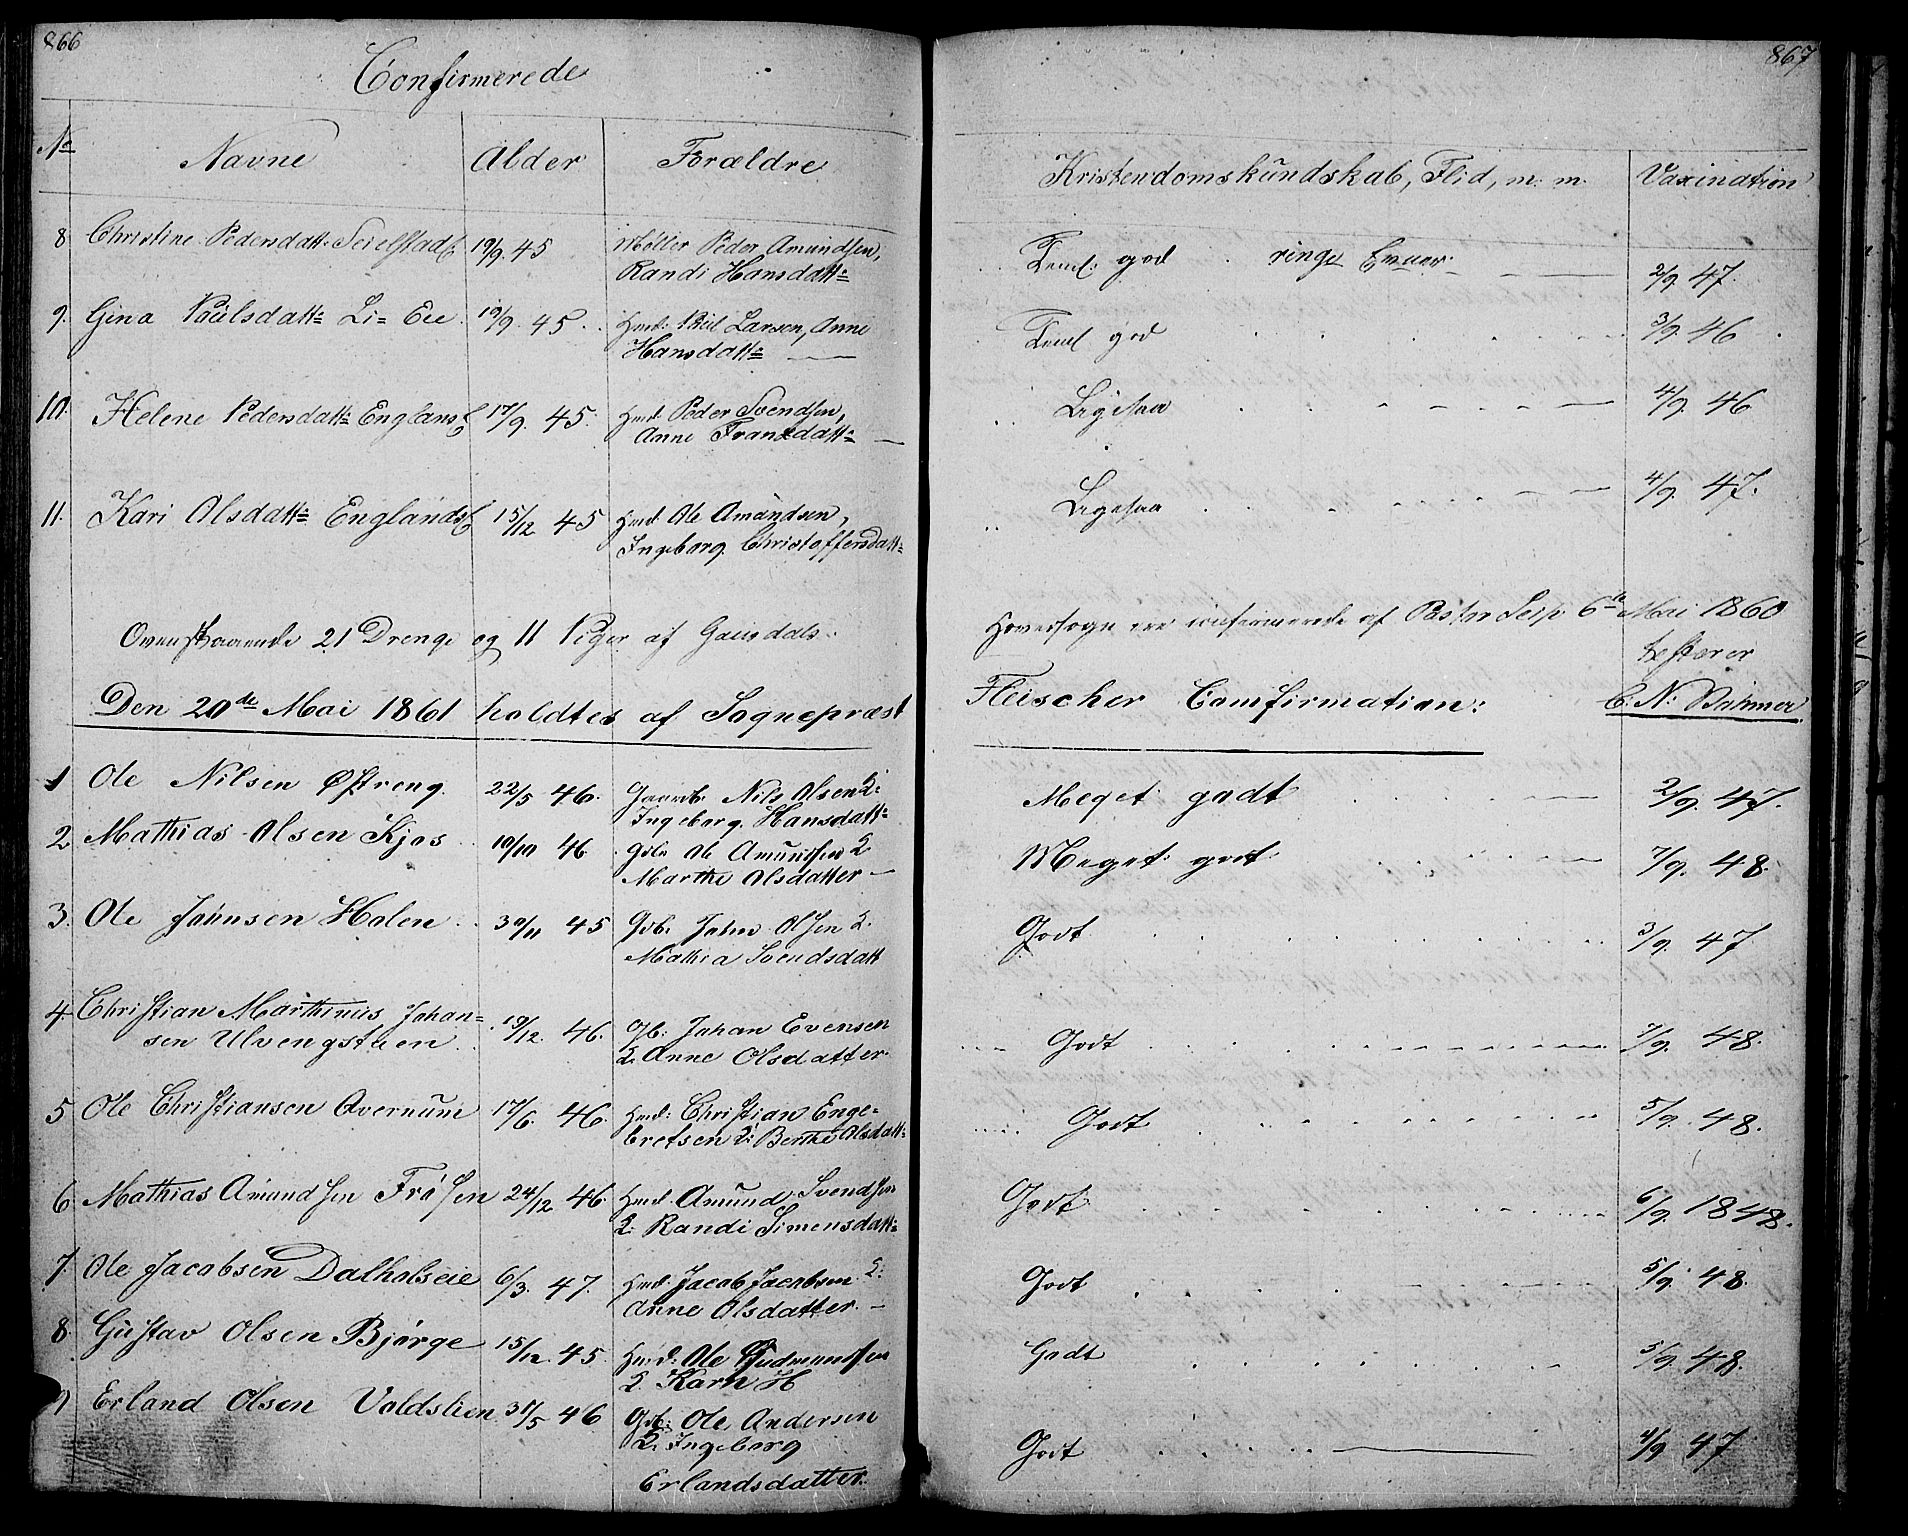 SAH, Gausdal prestekontor, Klokkerbok nr. 4, 1835-1870, s. 866-867